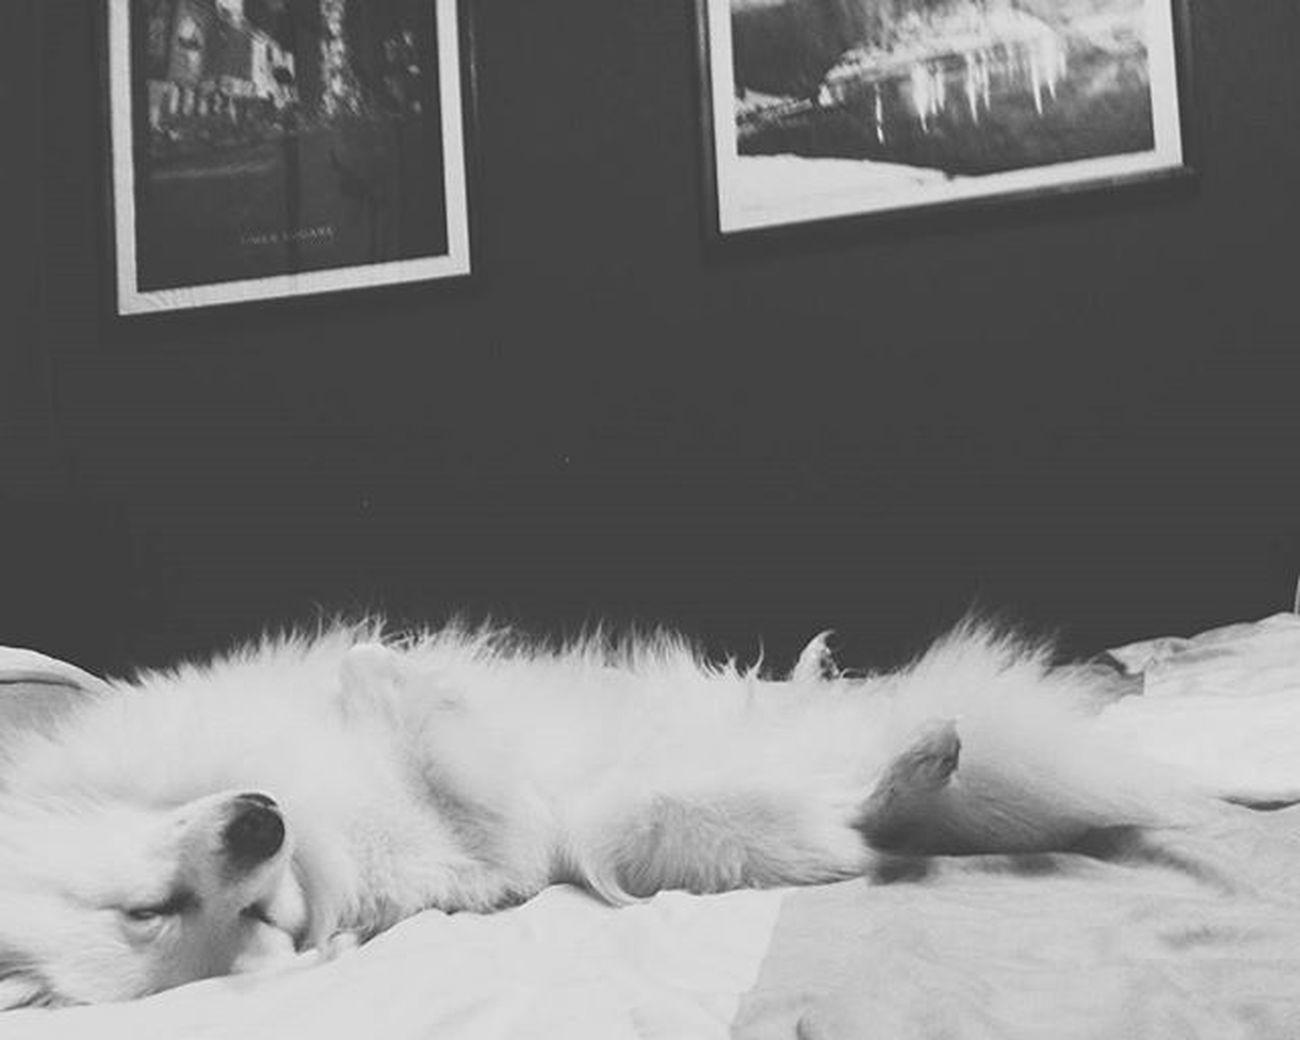 Развалились и спимс 👌🐕🐶 Ночь еся Осень2015 Sleep красота пораспать